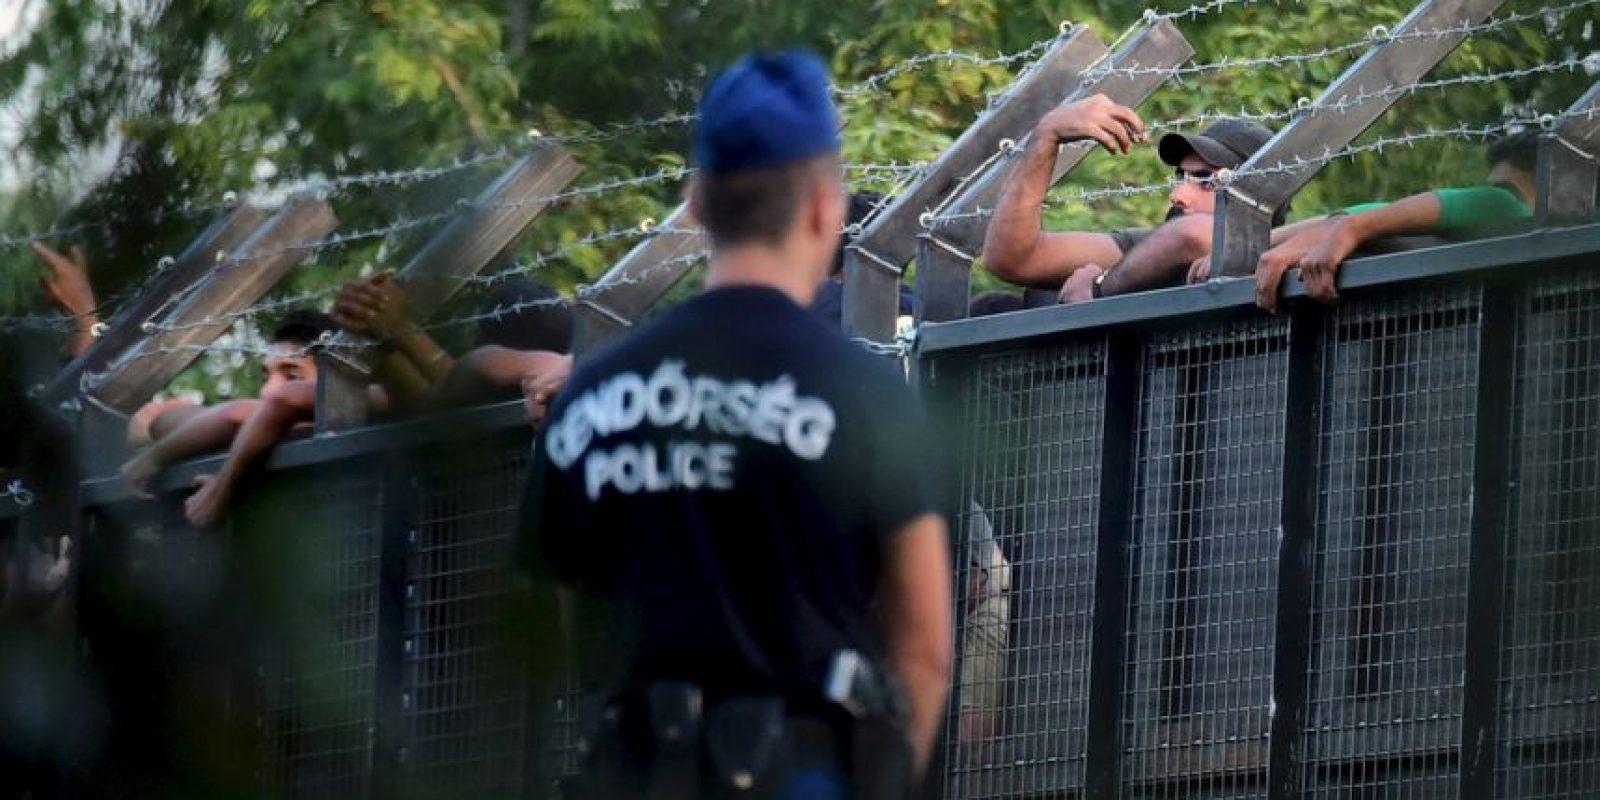 El Alto Comisionado de Naciones Unidas para Refugiados (ACNUR), señaló que la nacionalidad de los refugiados suele hacer que sean etiquetados. Foto:AFP